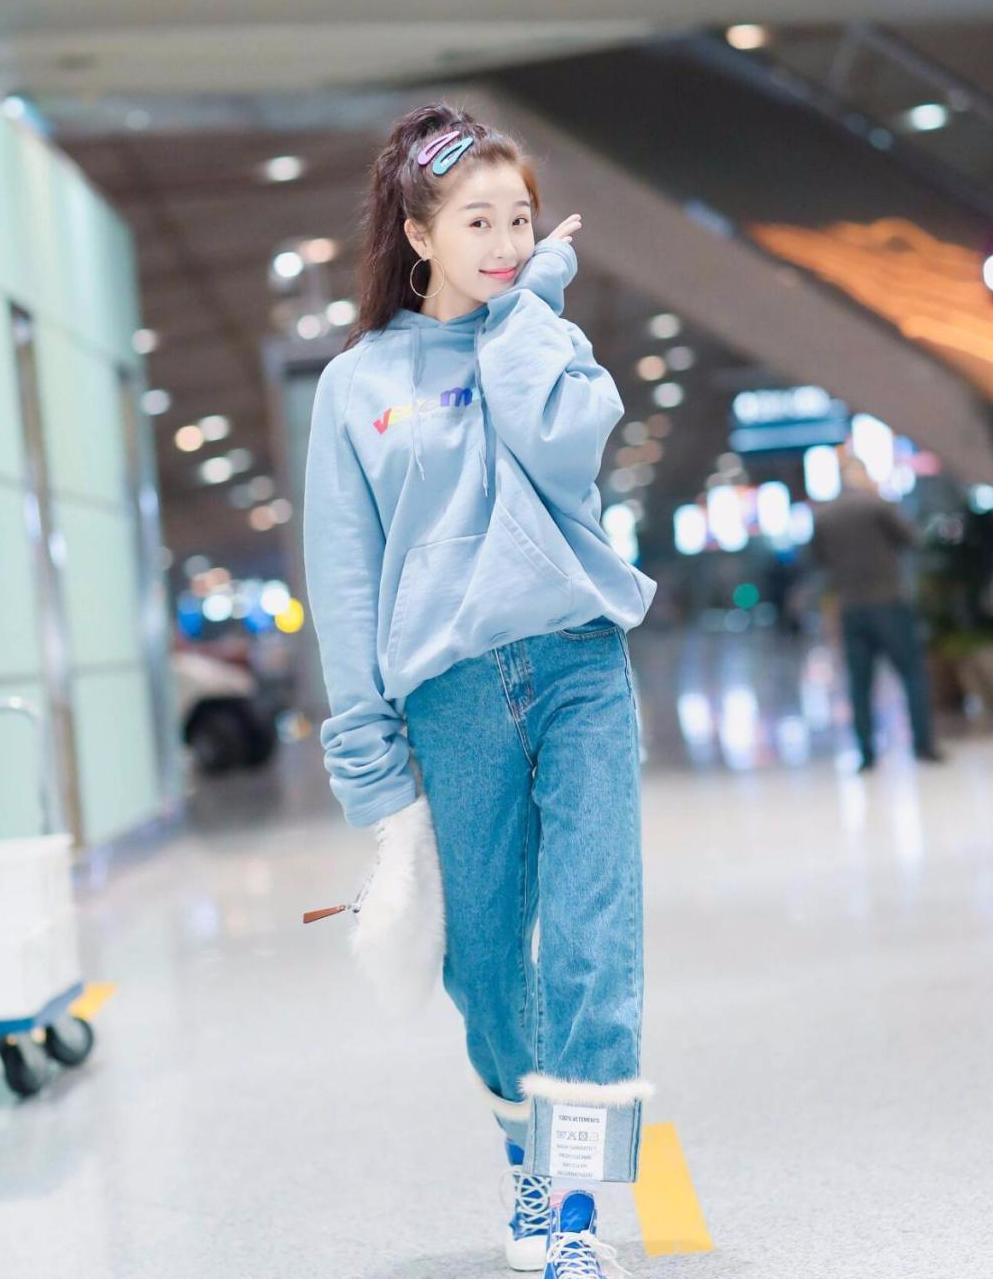 虞书欣穿卫衣牛仔裤现身,粉蓝发卡抢镜,网友:真是彩虹妹妹!